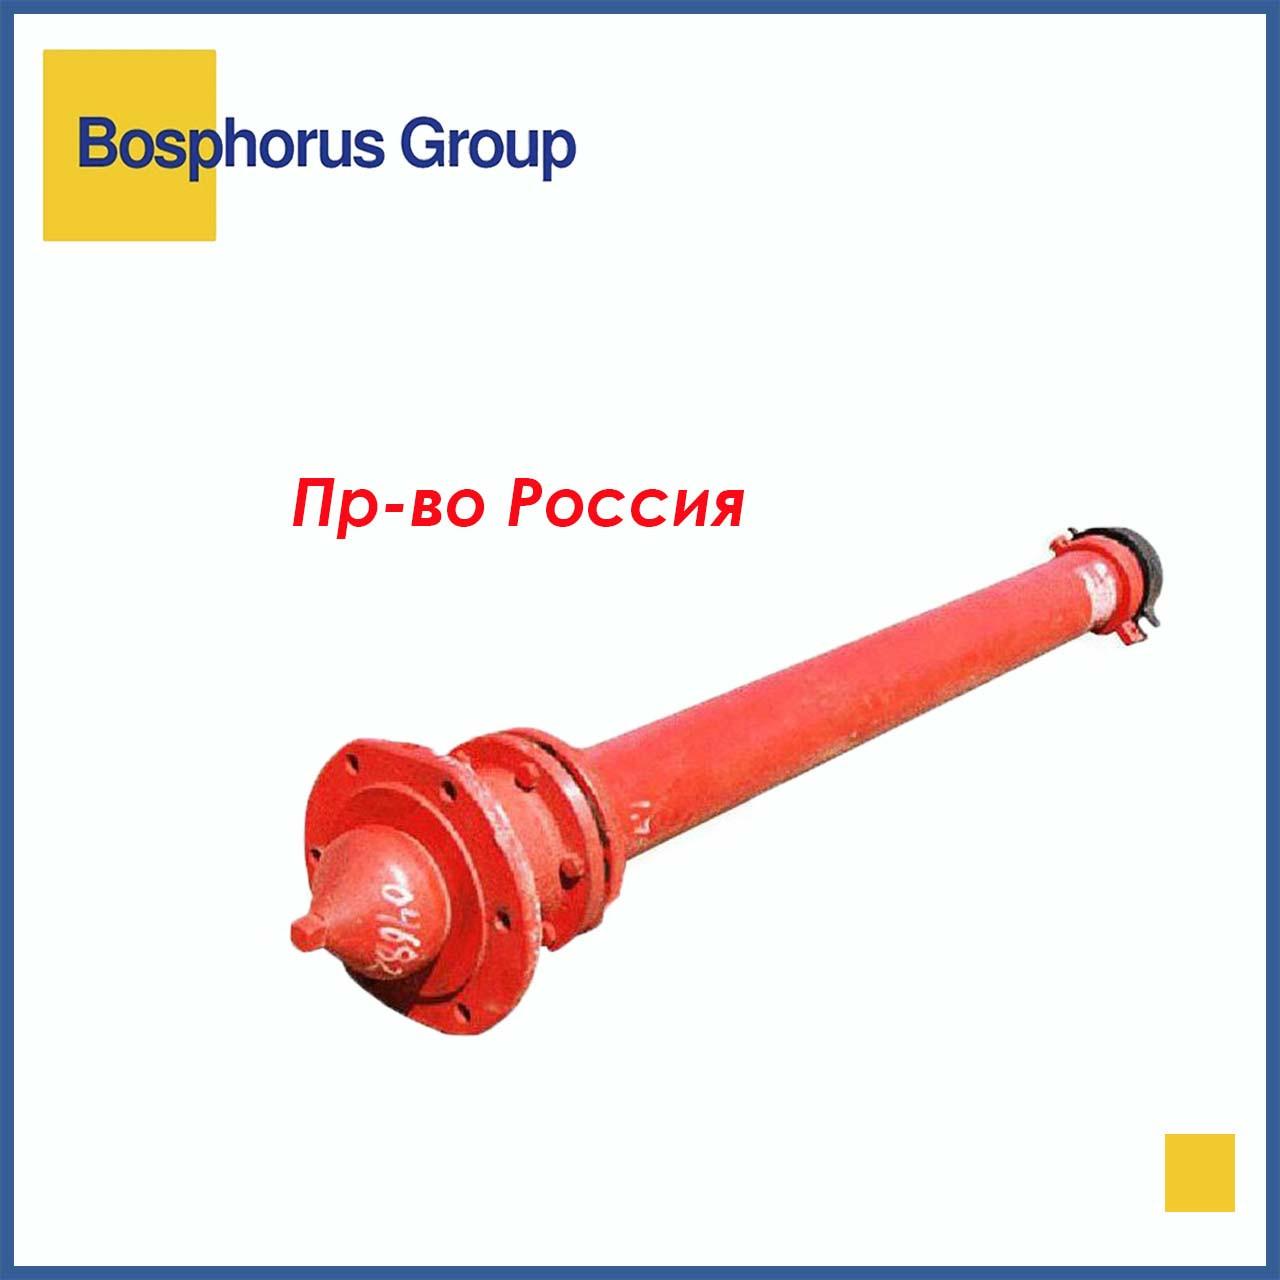 Пожарный гидрант стальной 1,75 м., подземный (Россия)